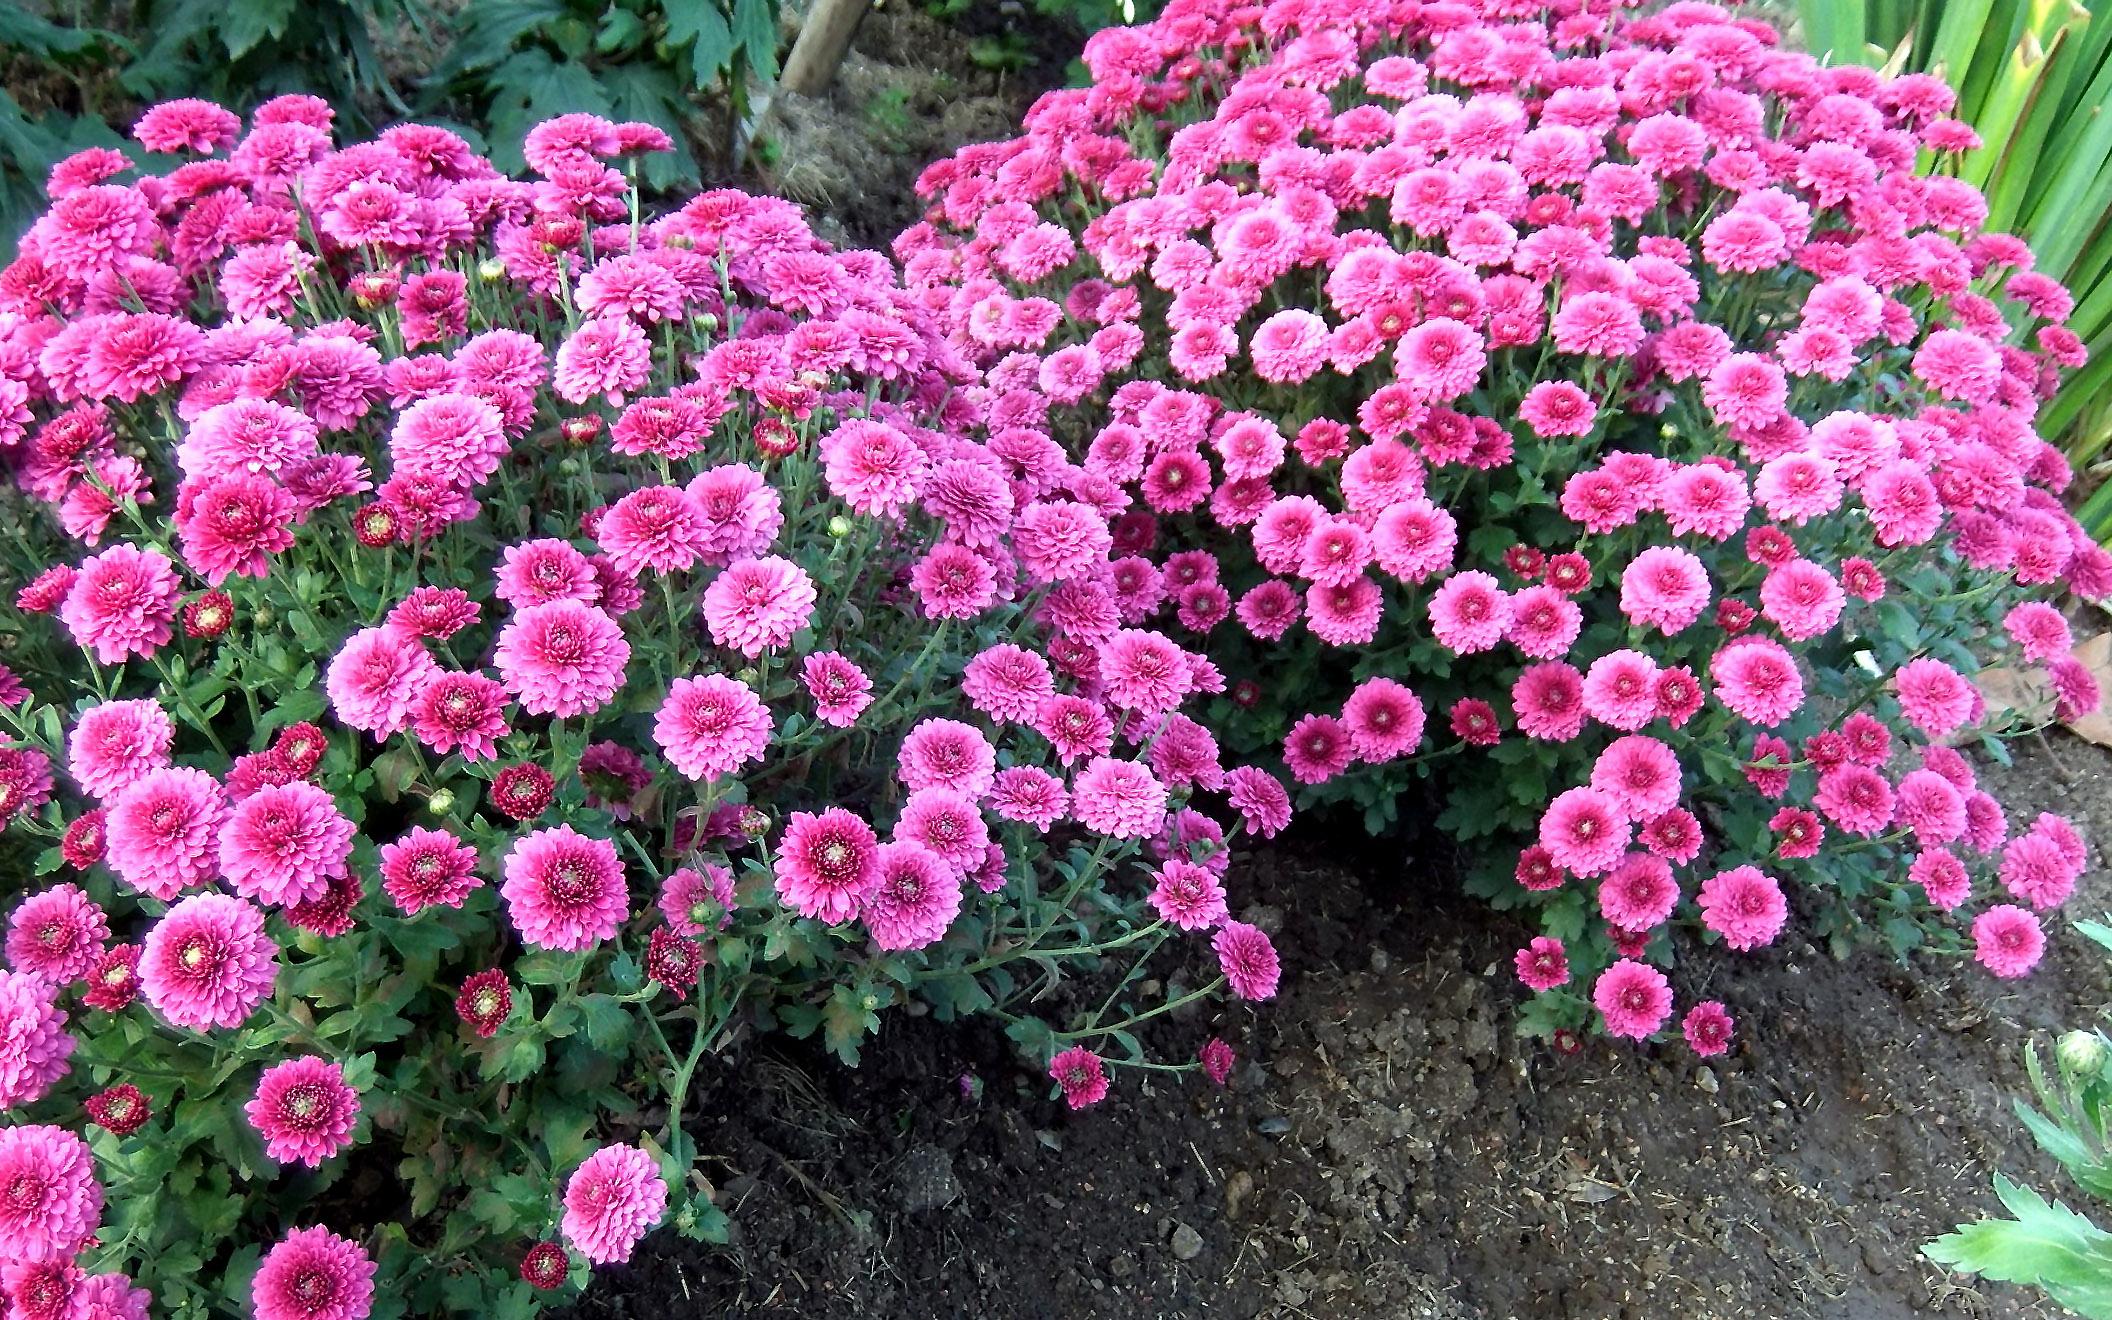 Rausvos chrizantemos